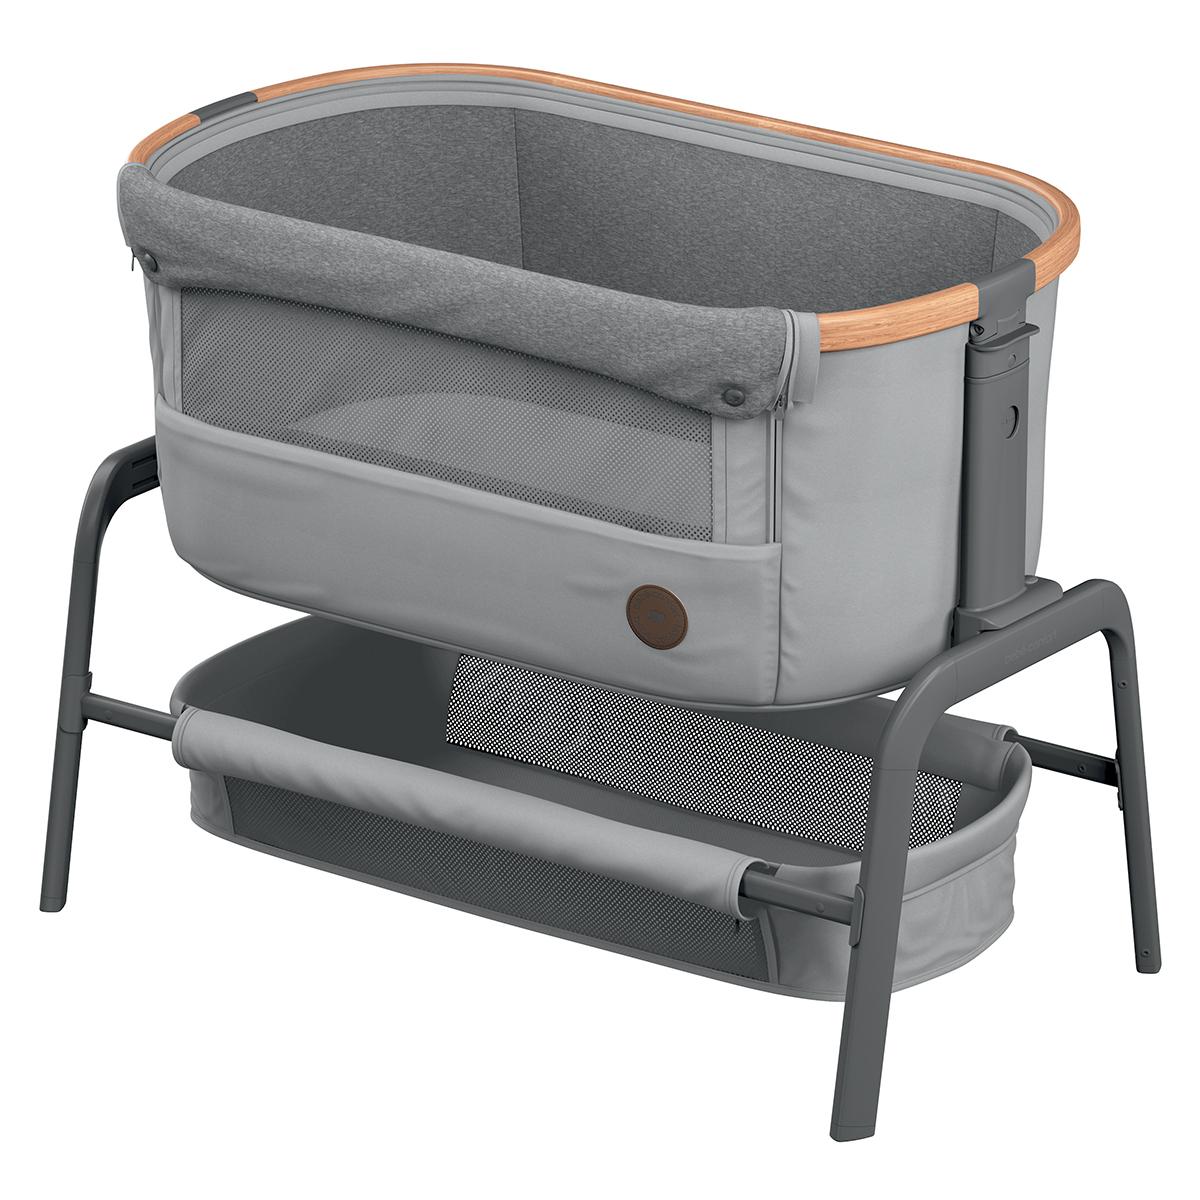 Lit bébé Berceau Cododo Iora - Essential Grey Bébé Confort - AR201905150019